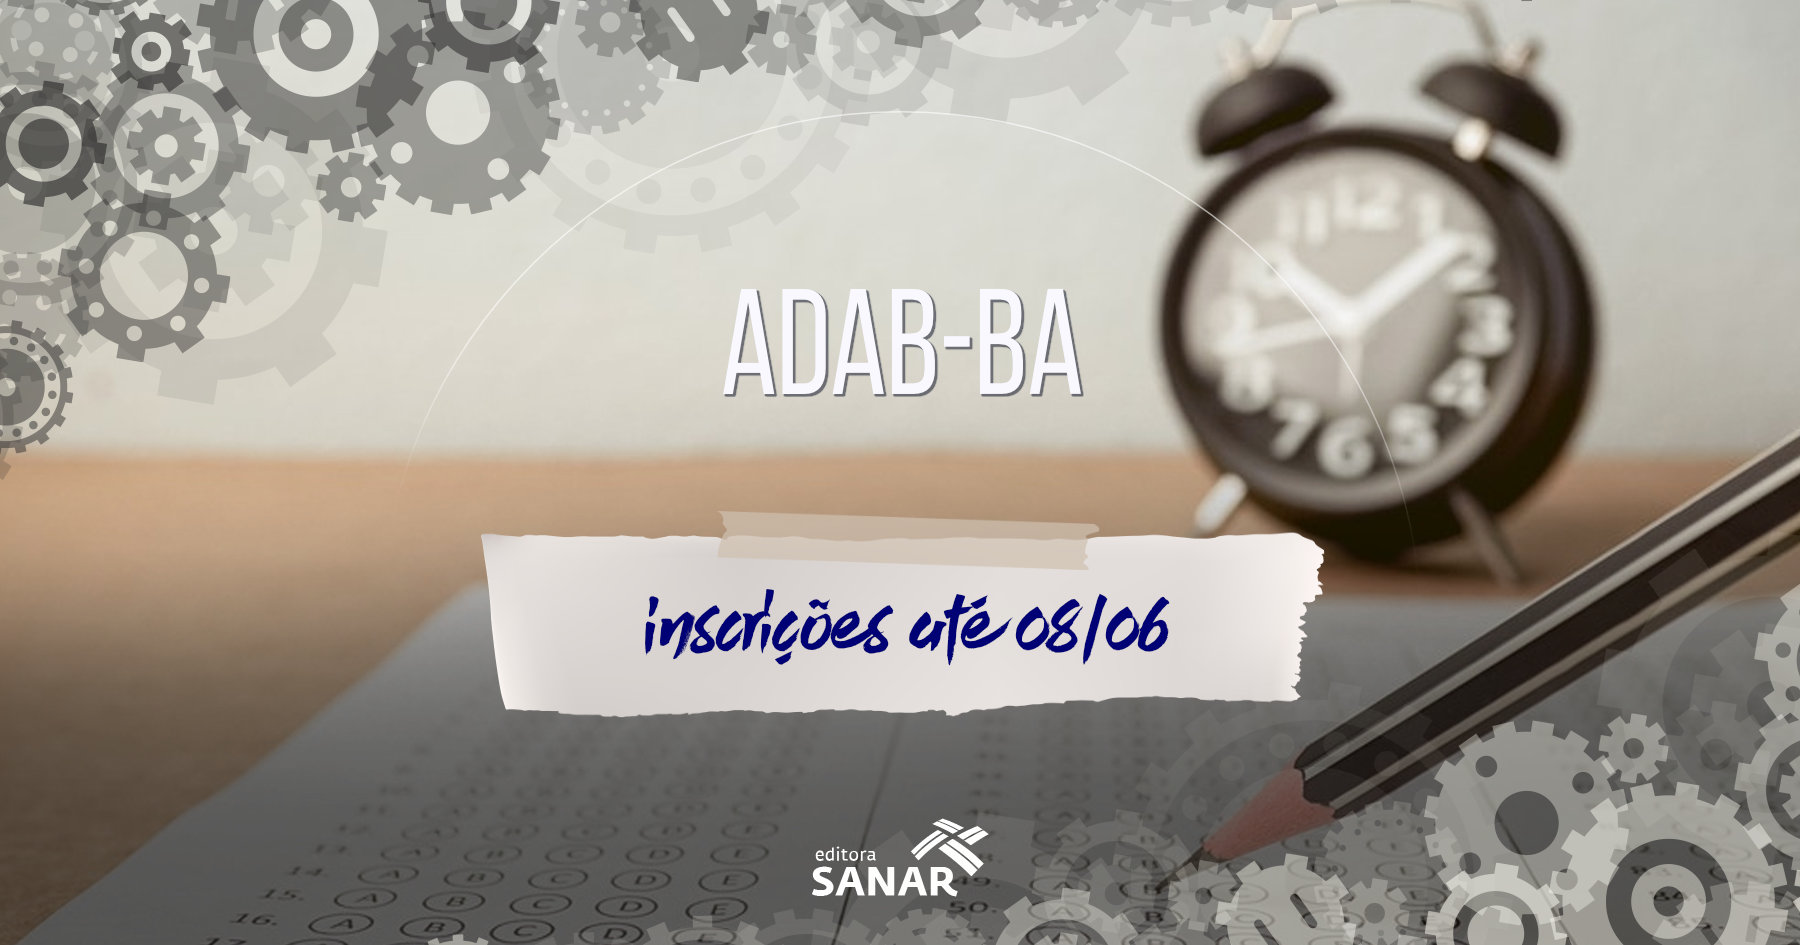 Processo Seletivo para Médico Veterinário é anunciado pela ADAB